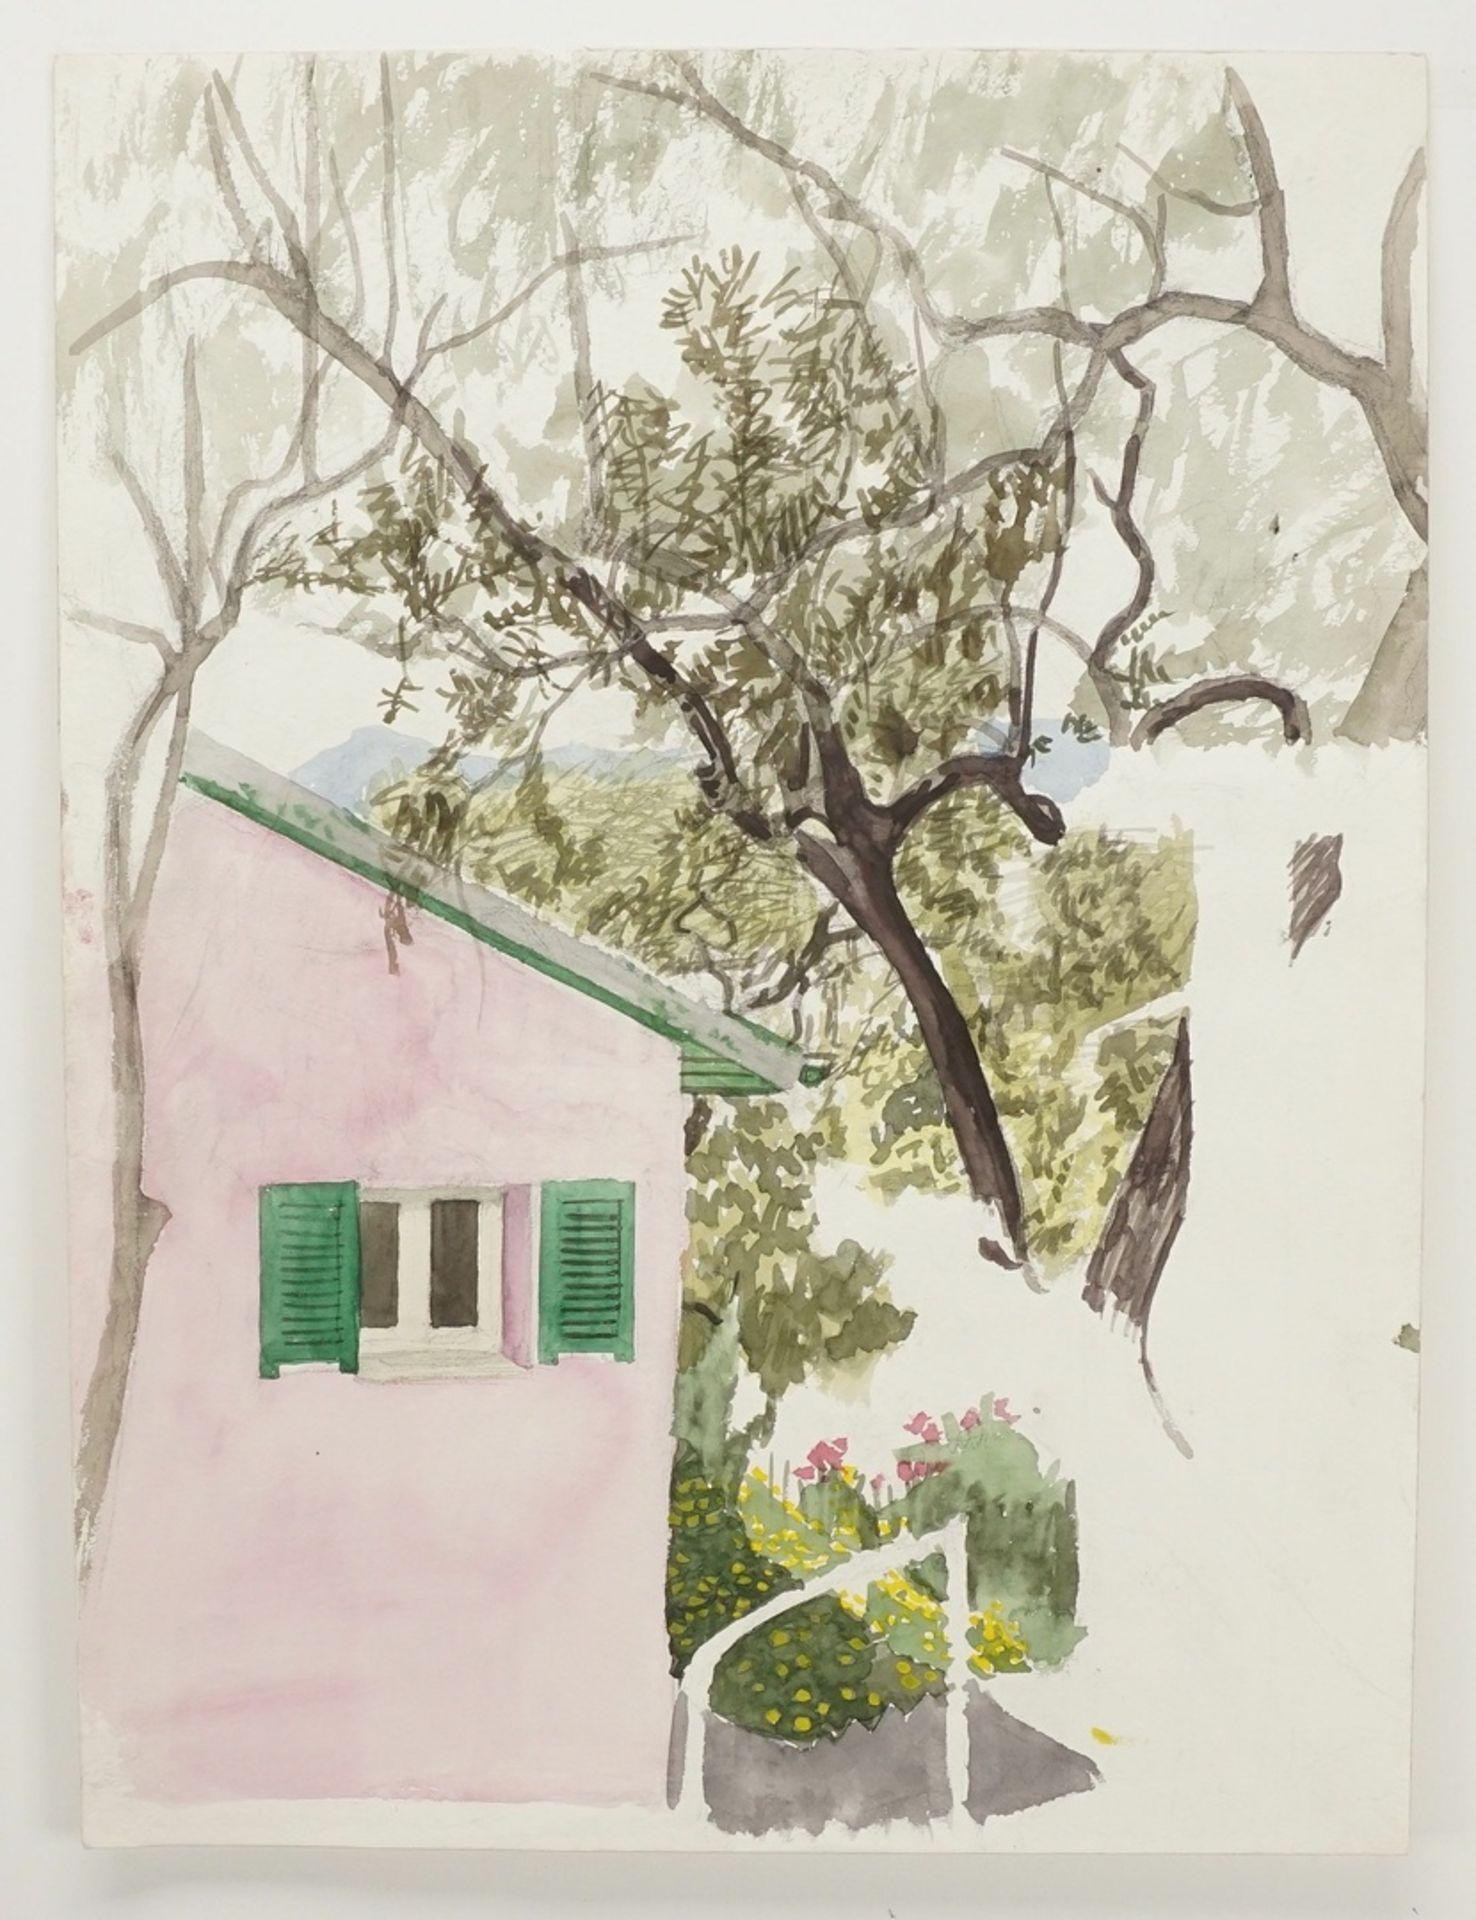 Franz Werneke, Gartenblick mit rosa Haus - Bild 3 aus 4